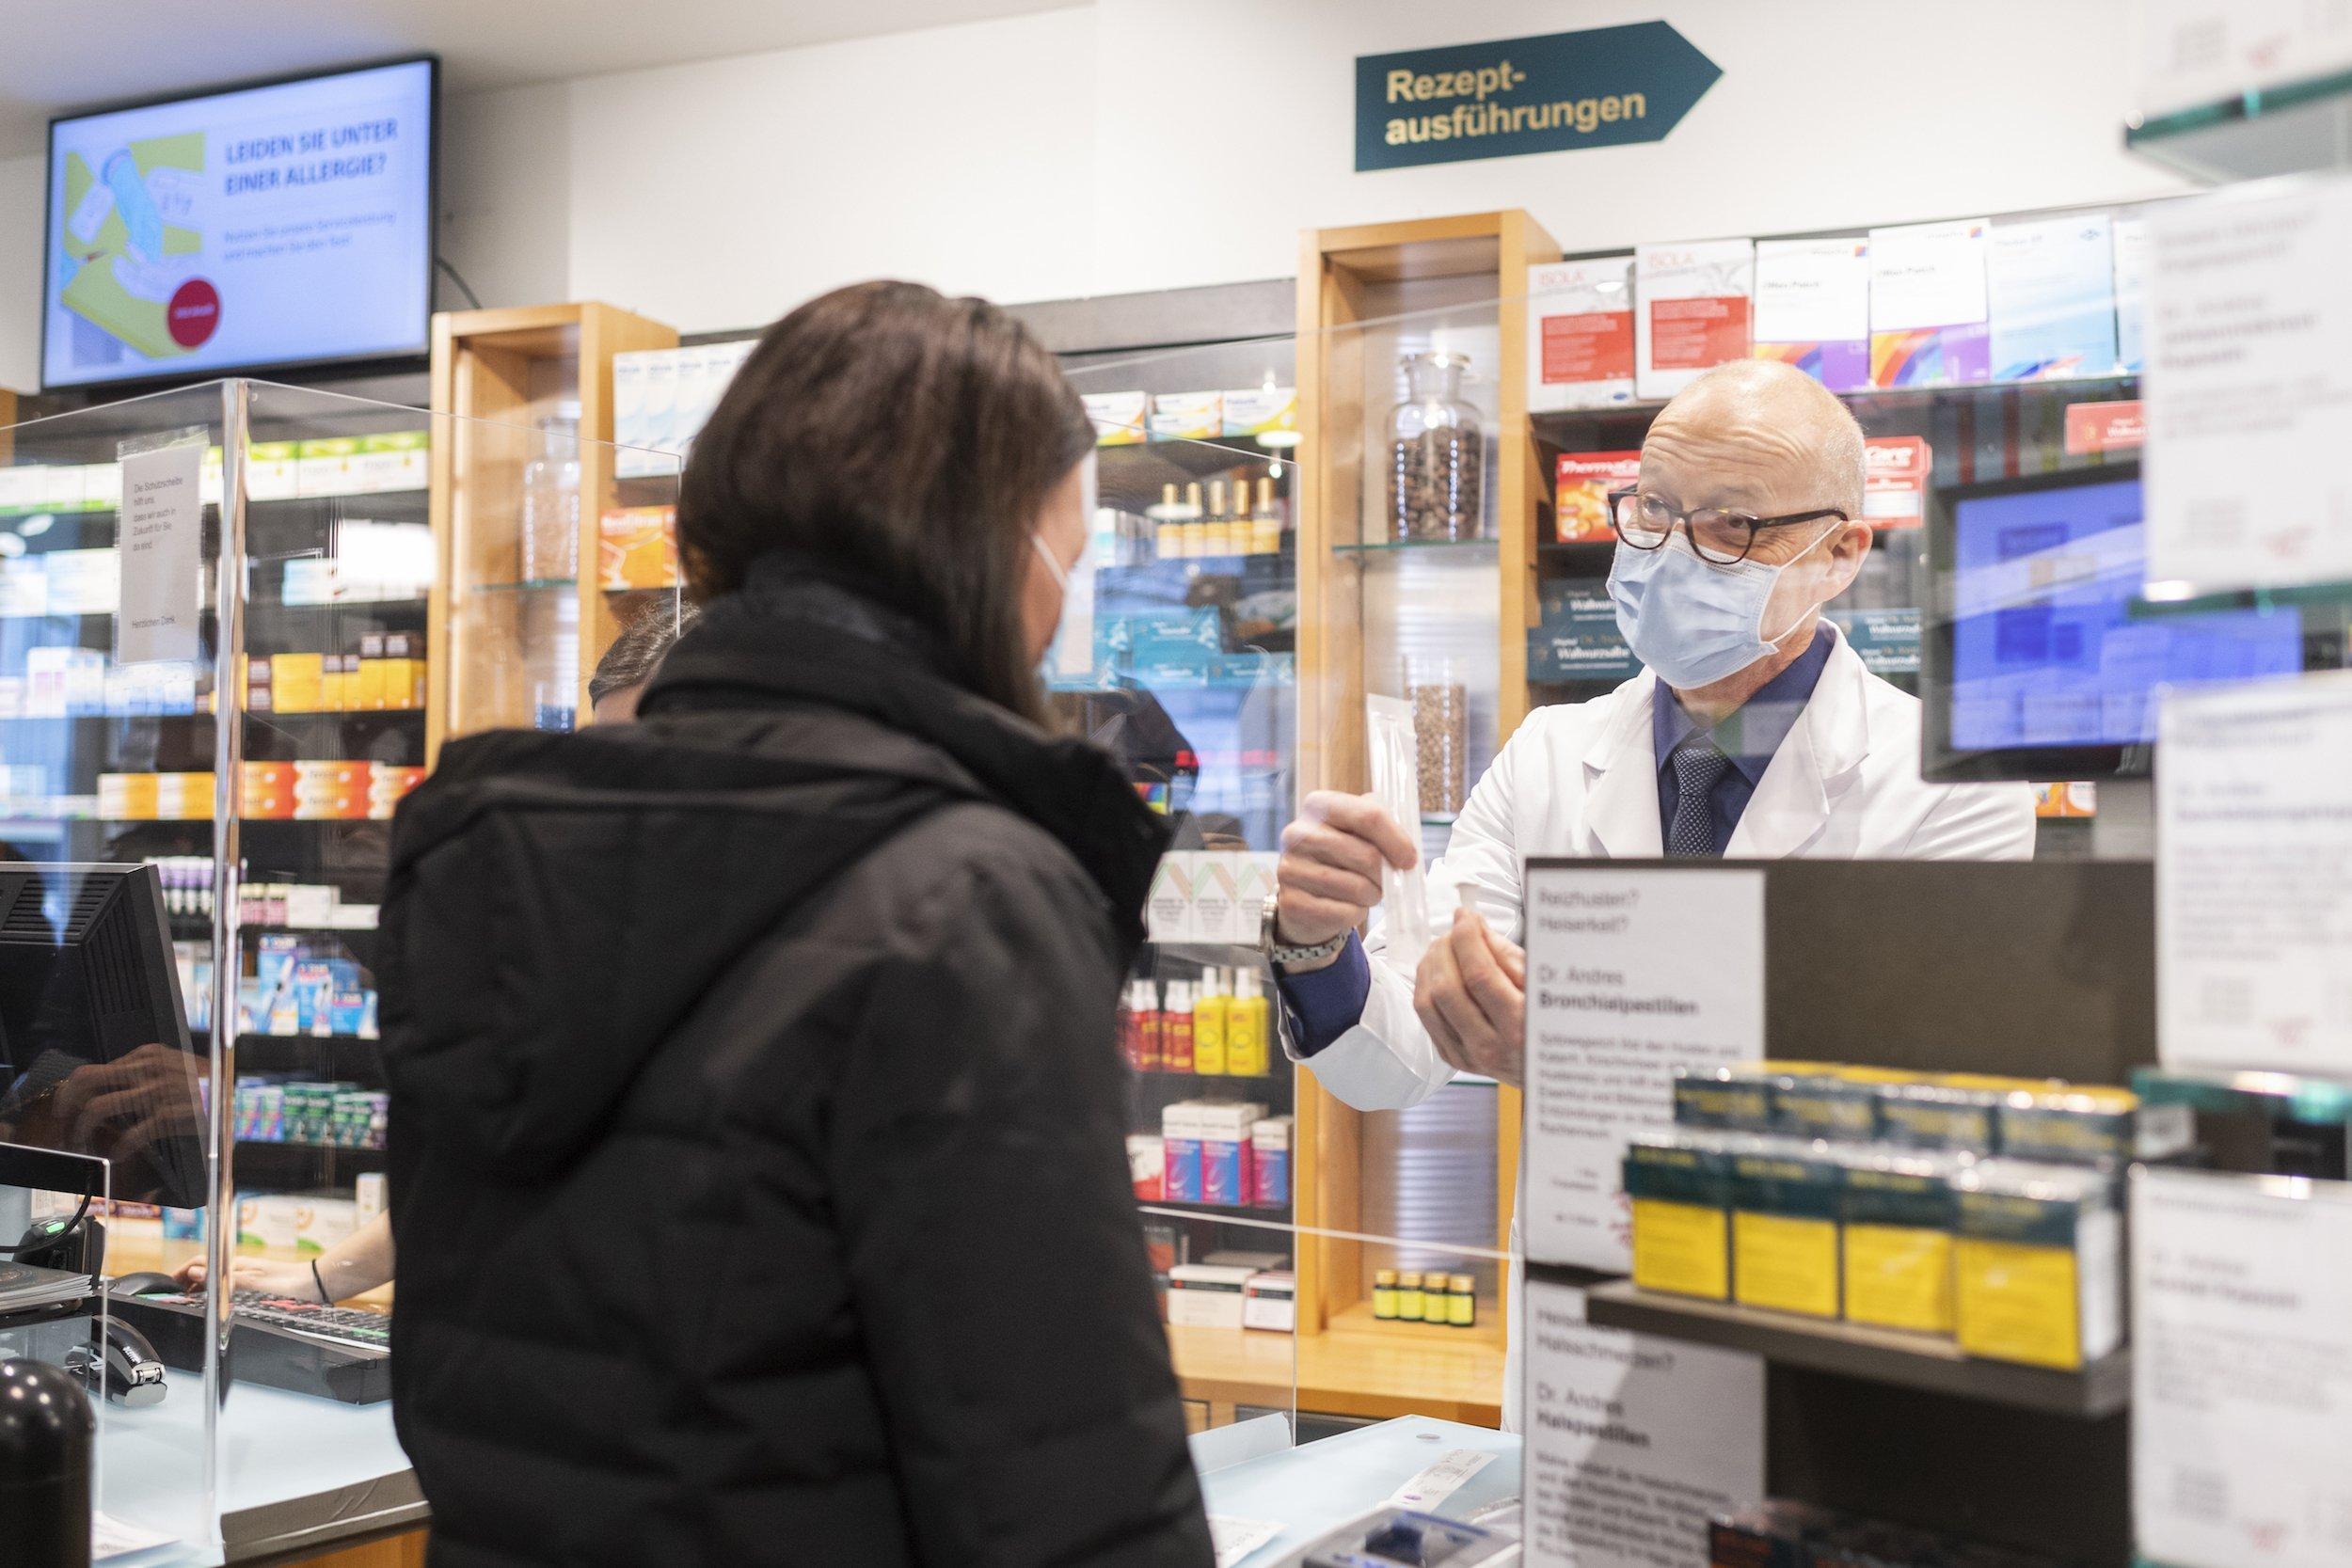 Der Apotheker hält hinter einer Schutzscheibe einen Beutel mit den Komponenten des Schnelltests in die Höhe und zeigt sie der Kundin.